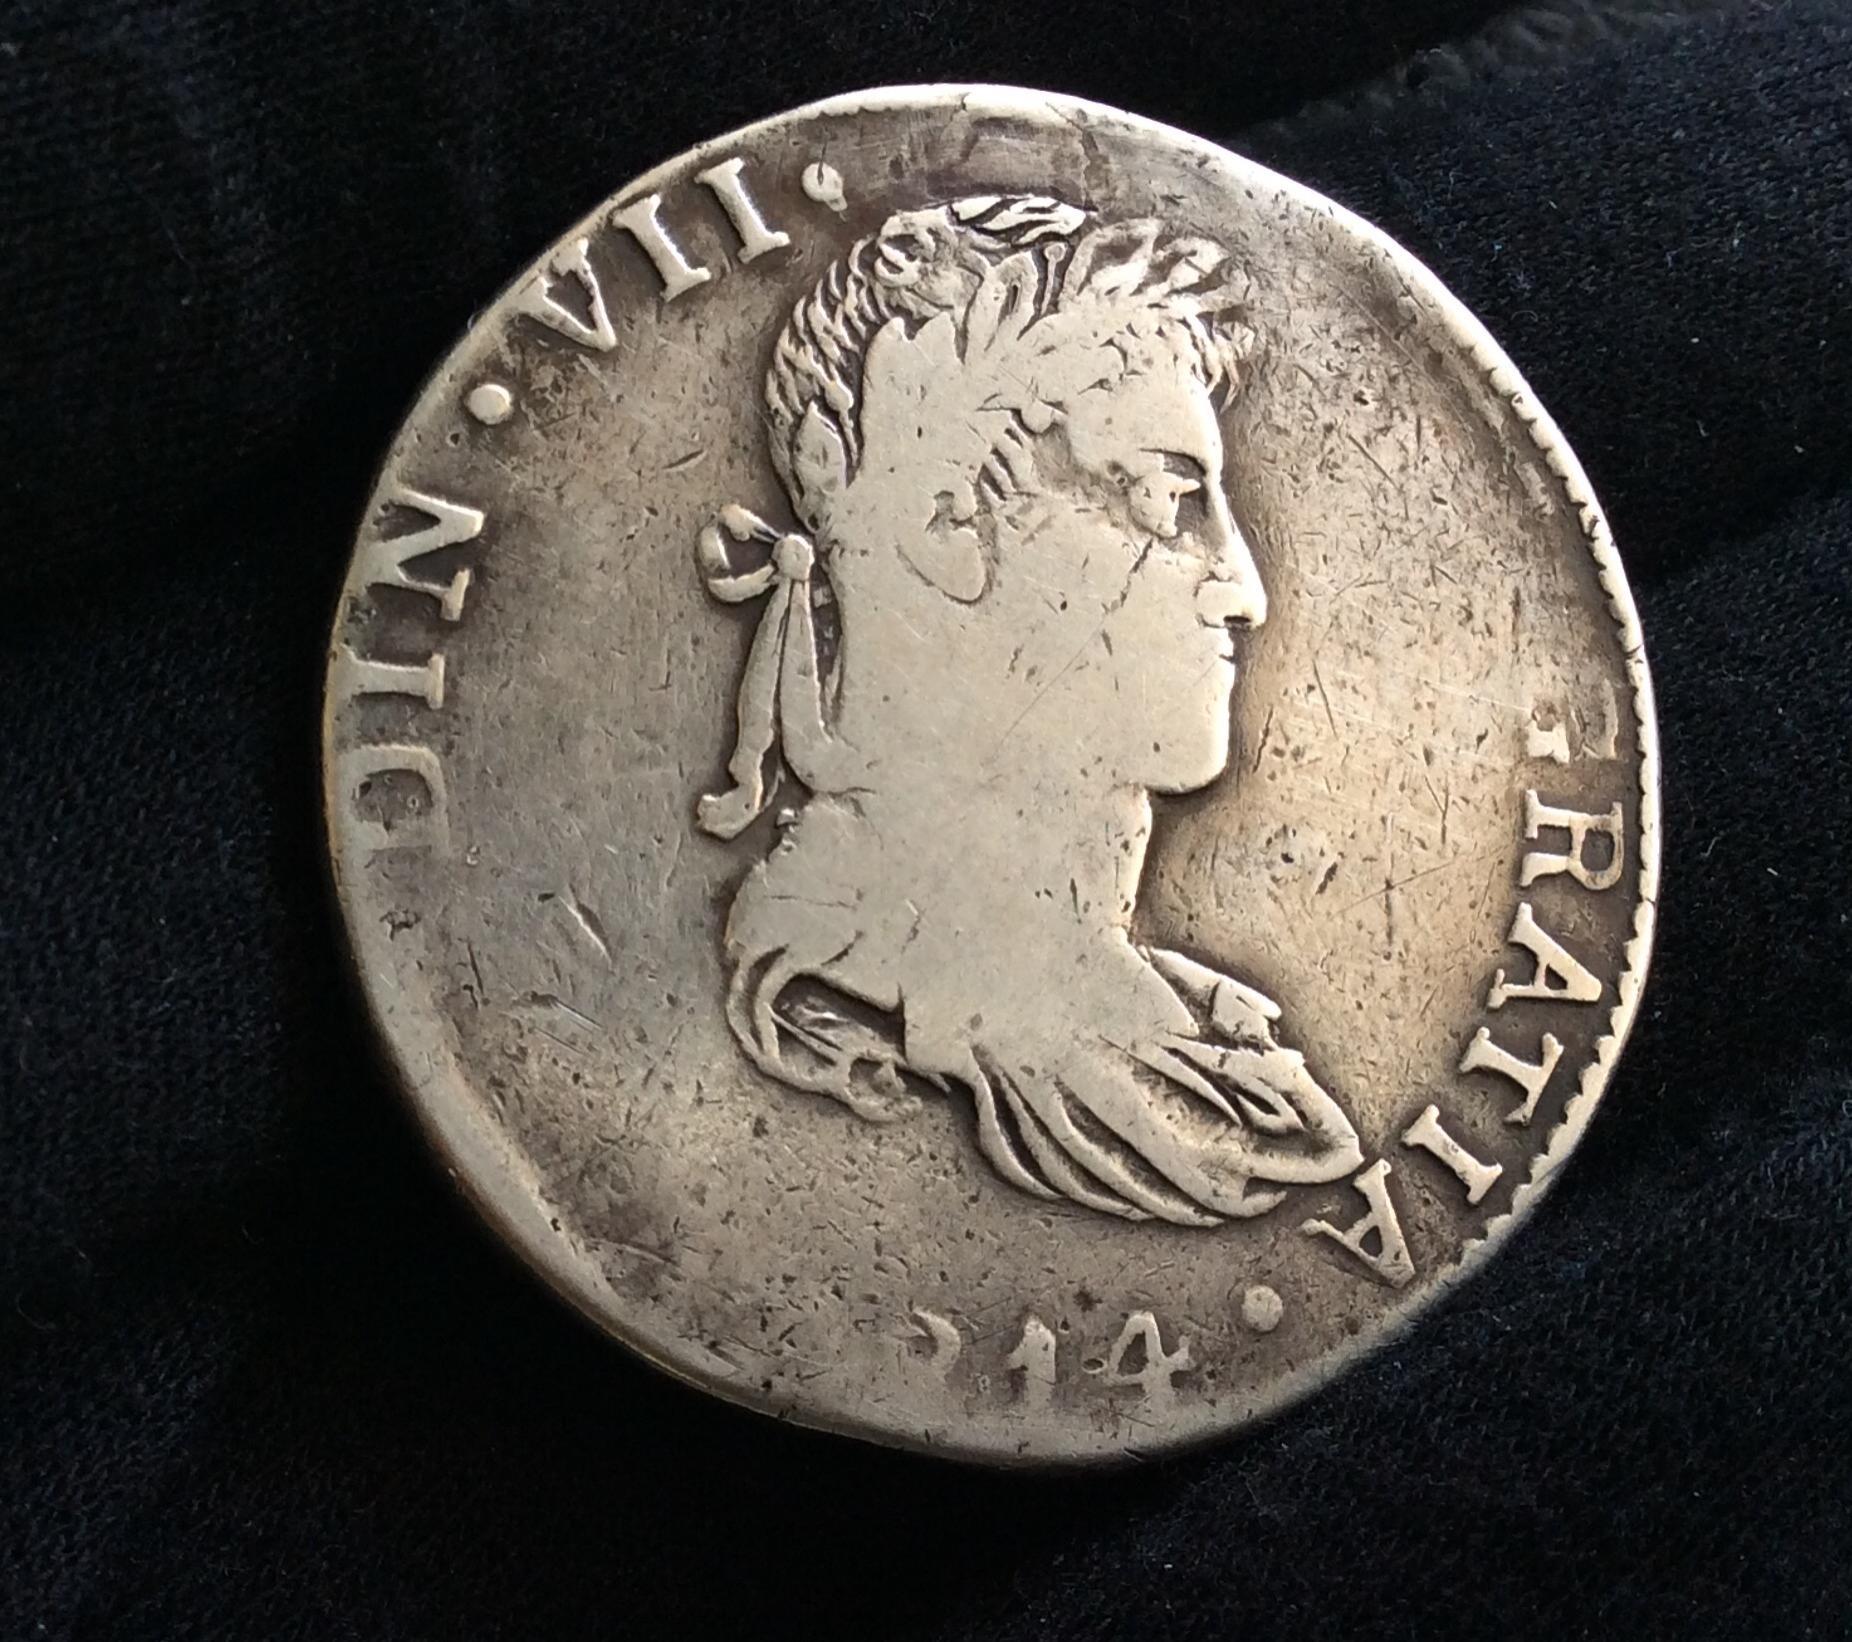 ESCASOS 8 REALES 1814 - GUATEMALA - FERNANDO VII